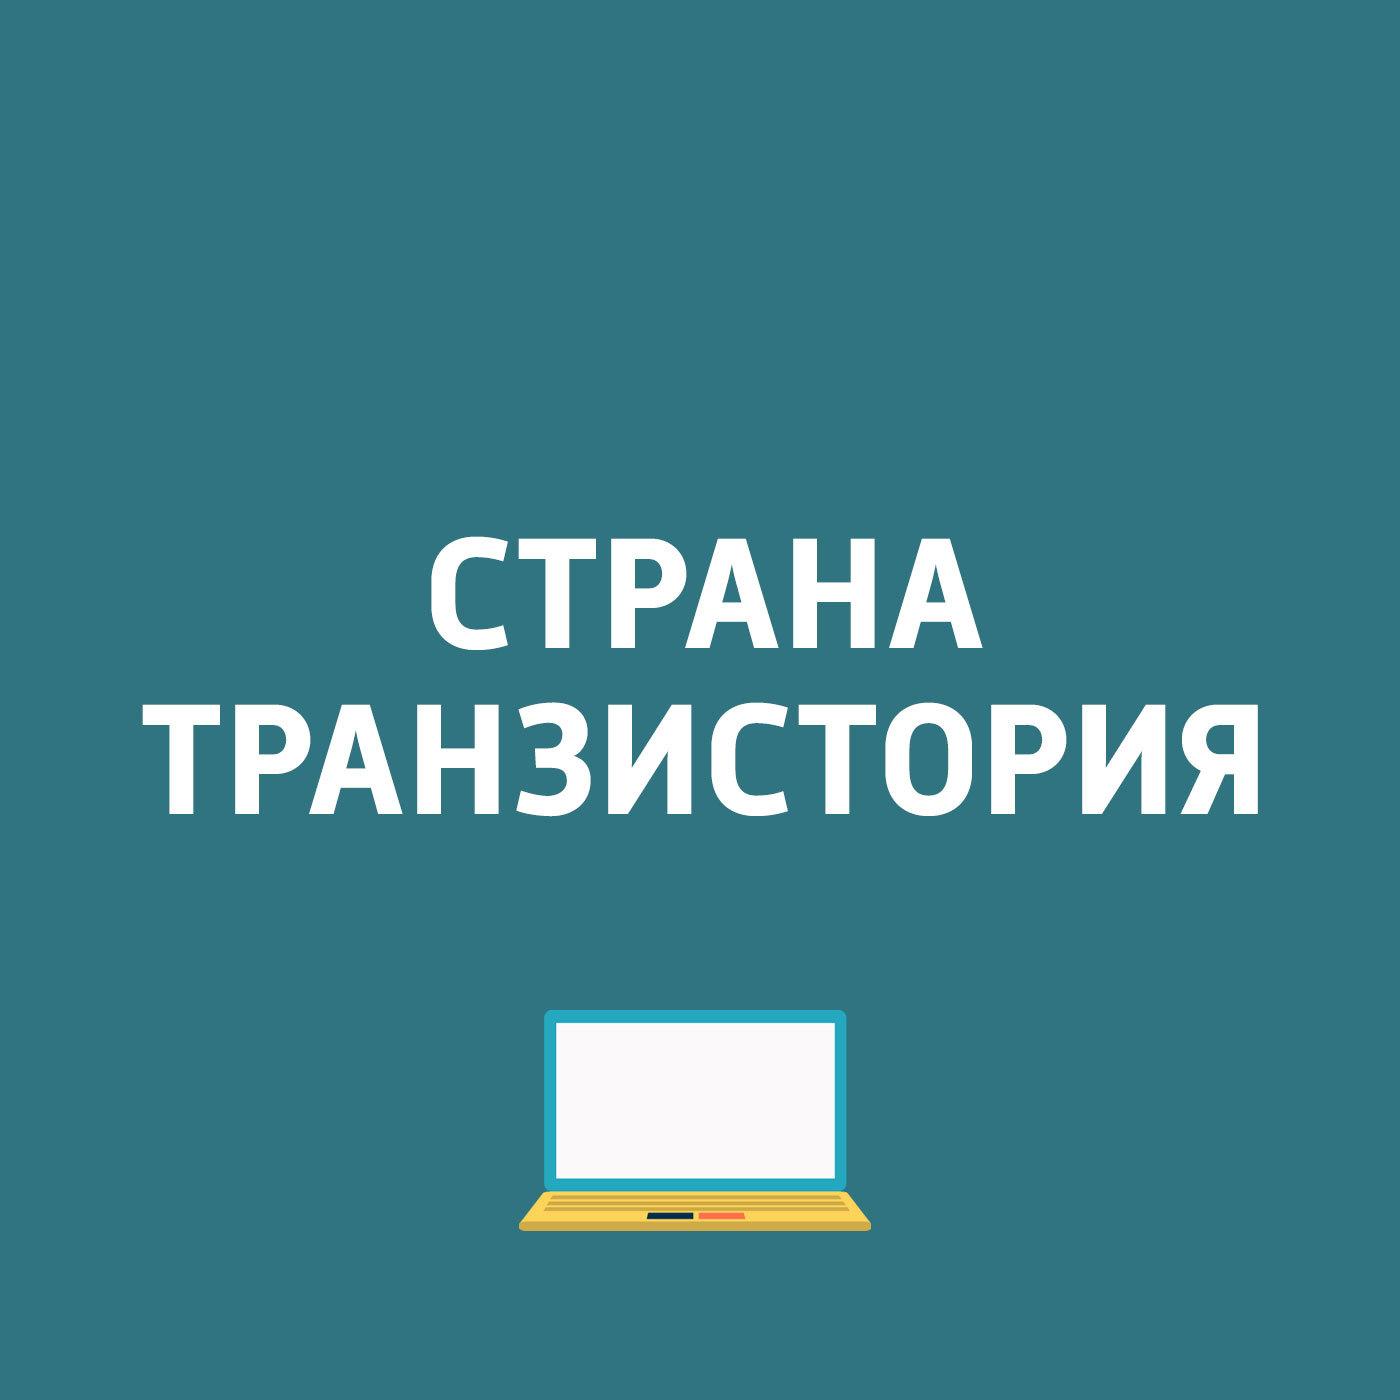 Картаев Павел Как избежать заражения WannaCry? картаев павел aliexpress меняет правила доставки товаров обзор игр